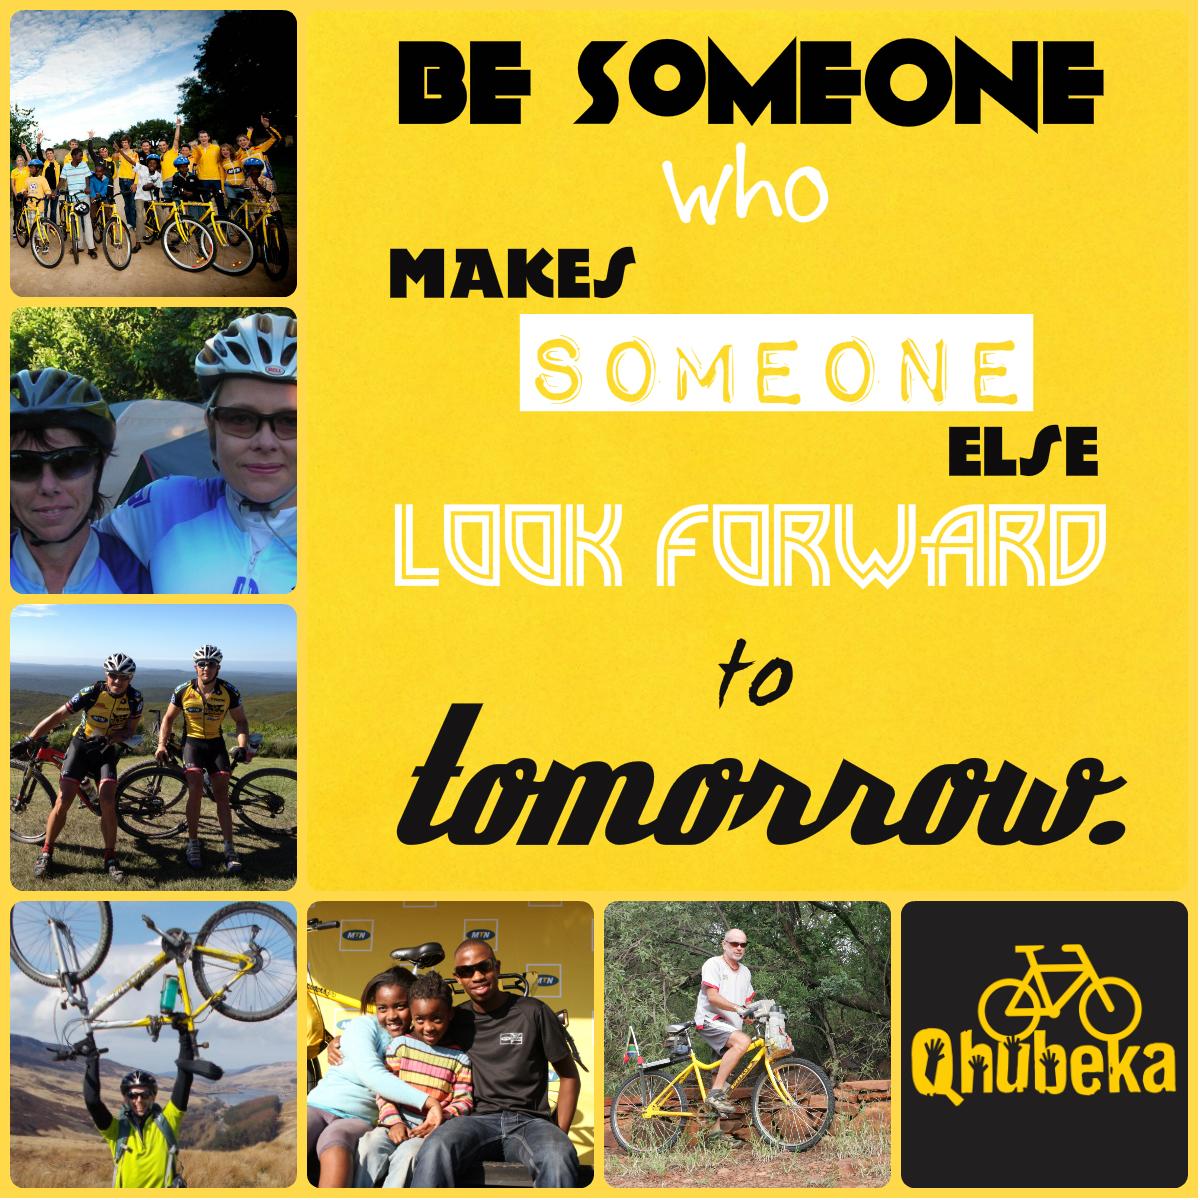 Look forward to tomorrow